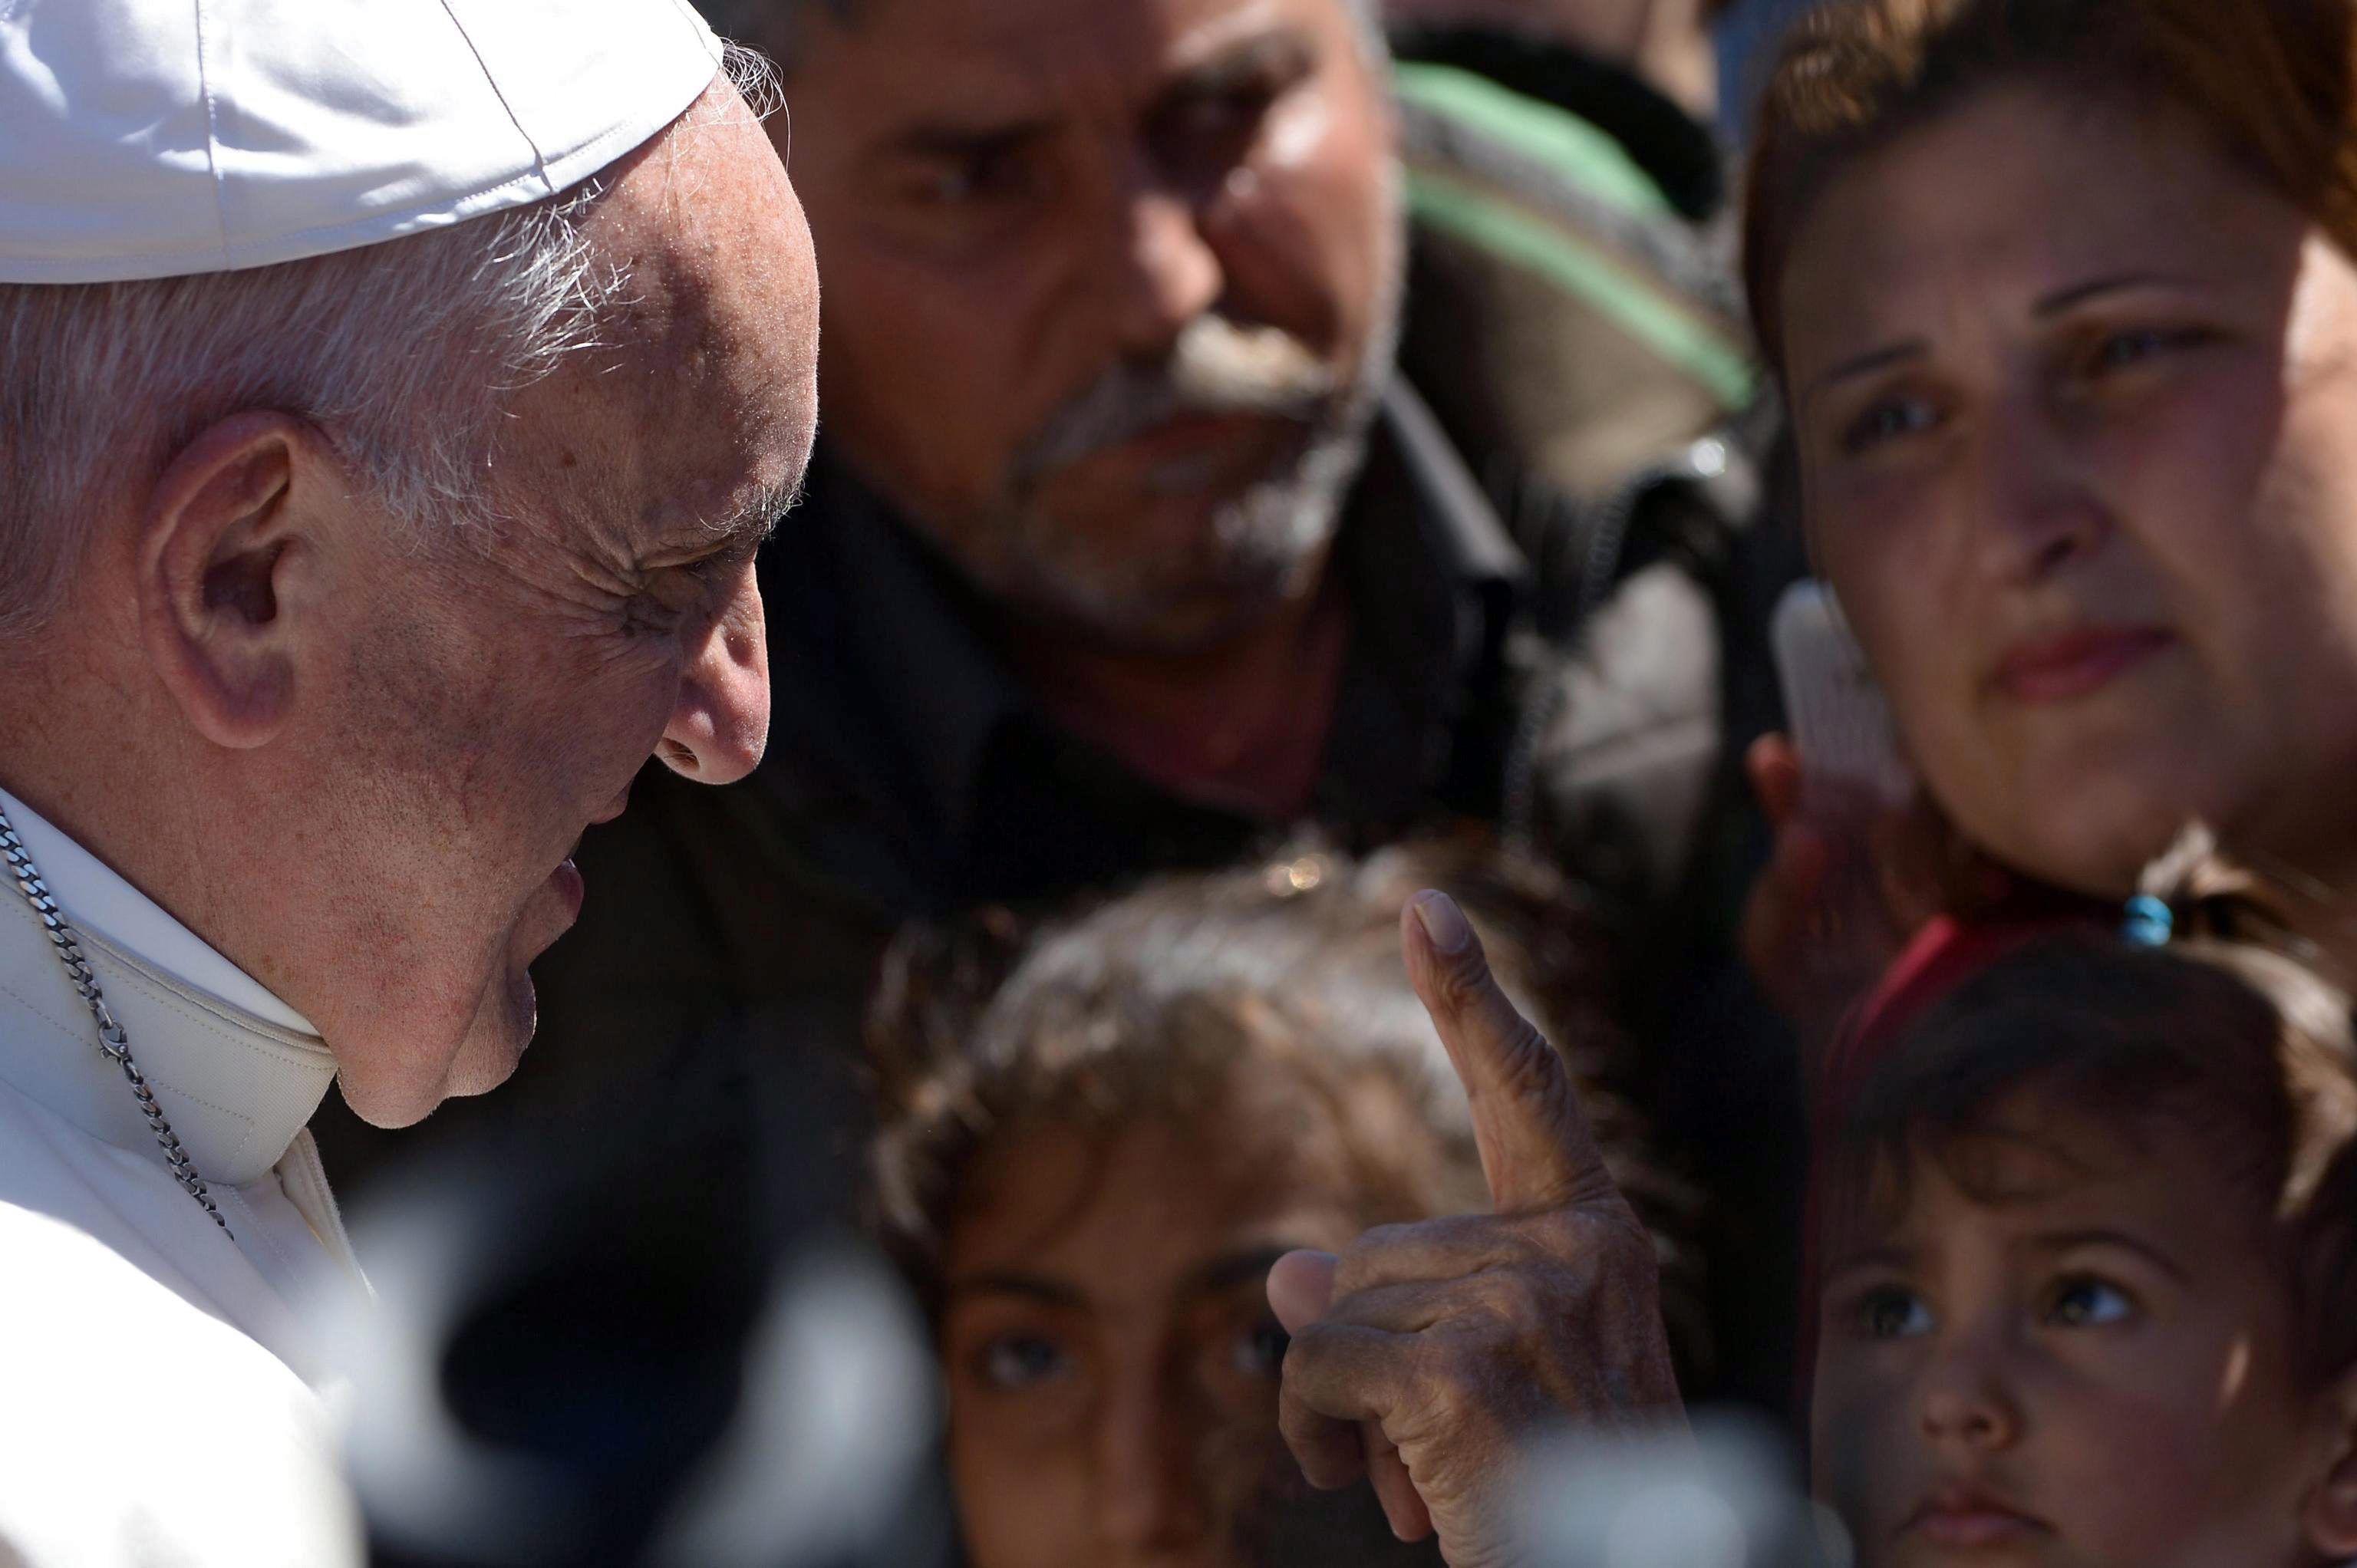 El Papa dijo que la palabra y el ejemplo van juntos tras regresar al Vaticano con 12 refugiados